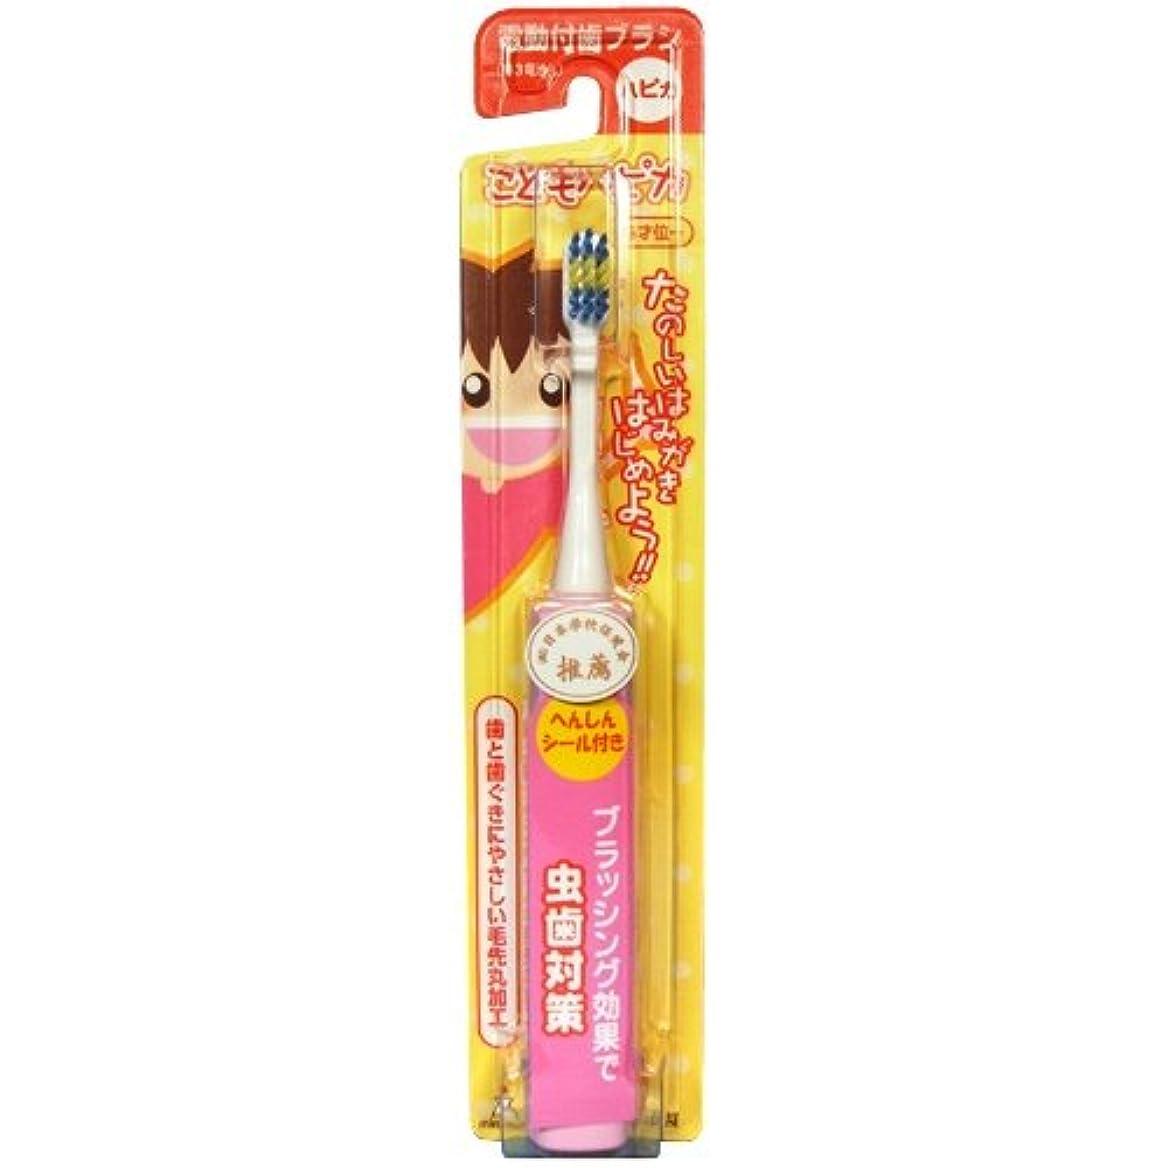 から冷ややかな調和ミニマム 電動付歯ブラシ こどもハピカ ピンク 毛の硬さ:やわらかめ DBK-1P(BP)